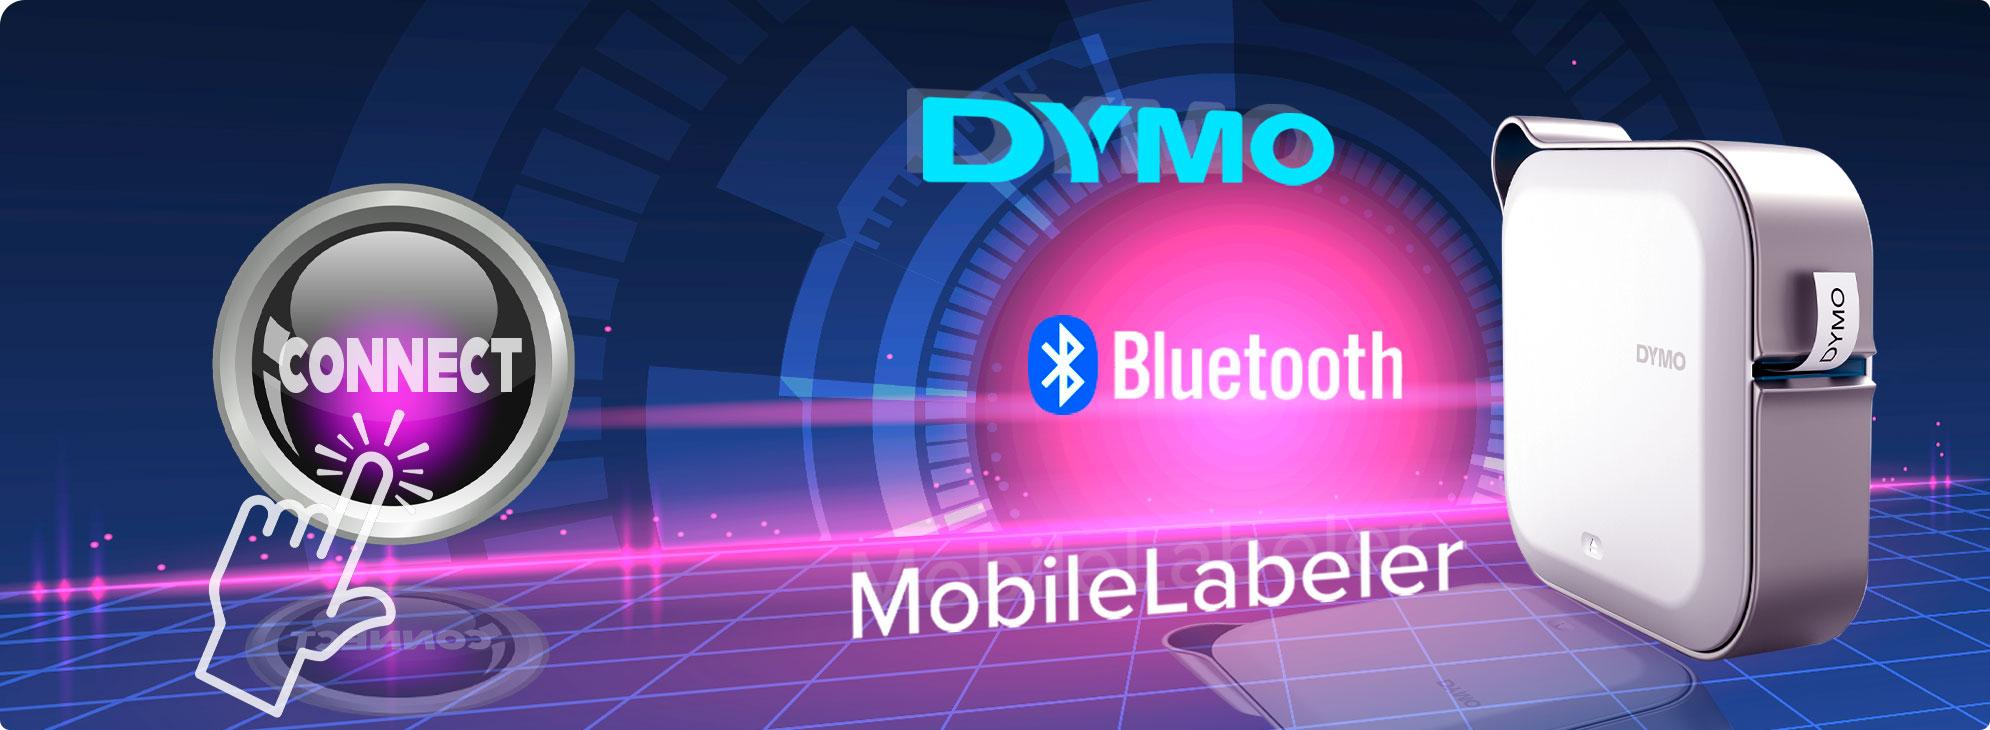 Imprimanta Bluetooth Dymo MobileLabeler